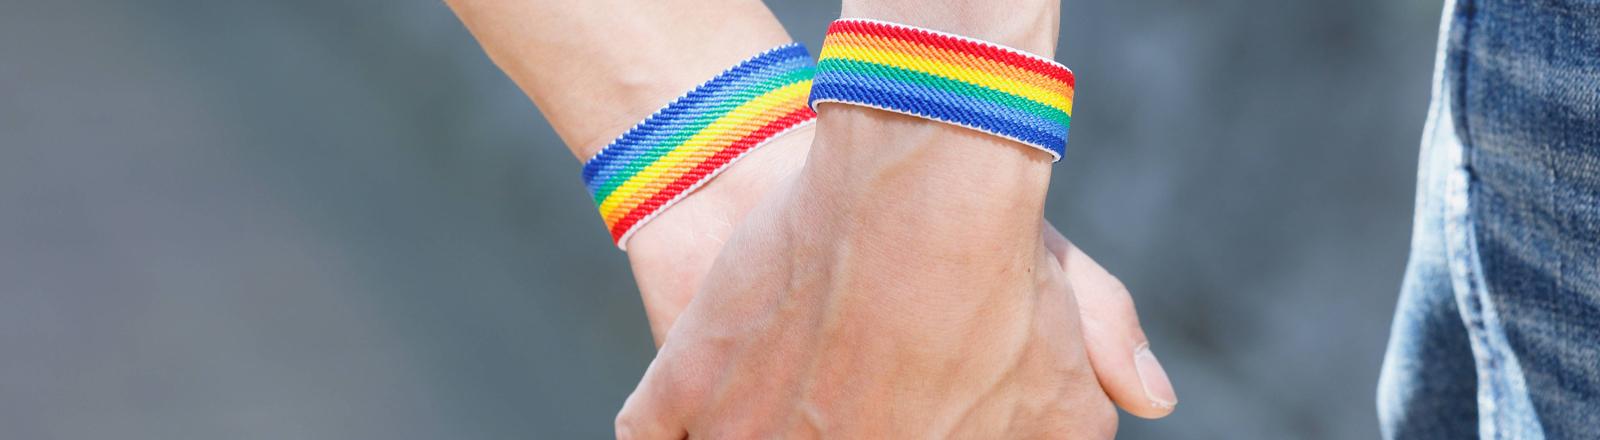 Schwule Männer halten Händchen